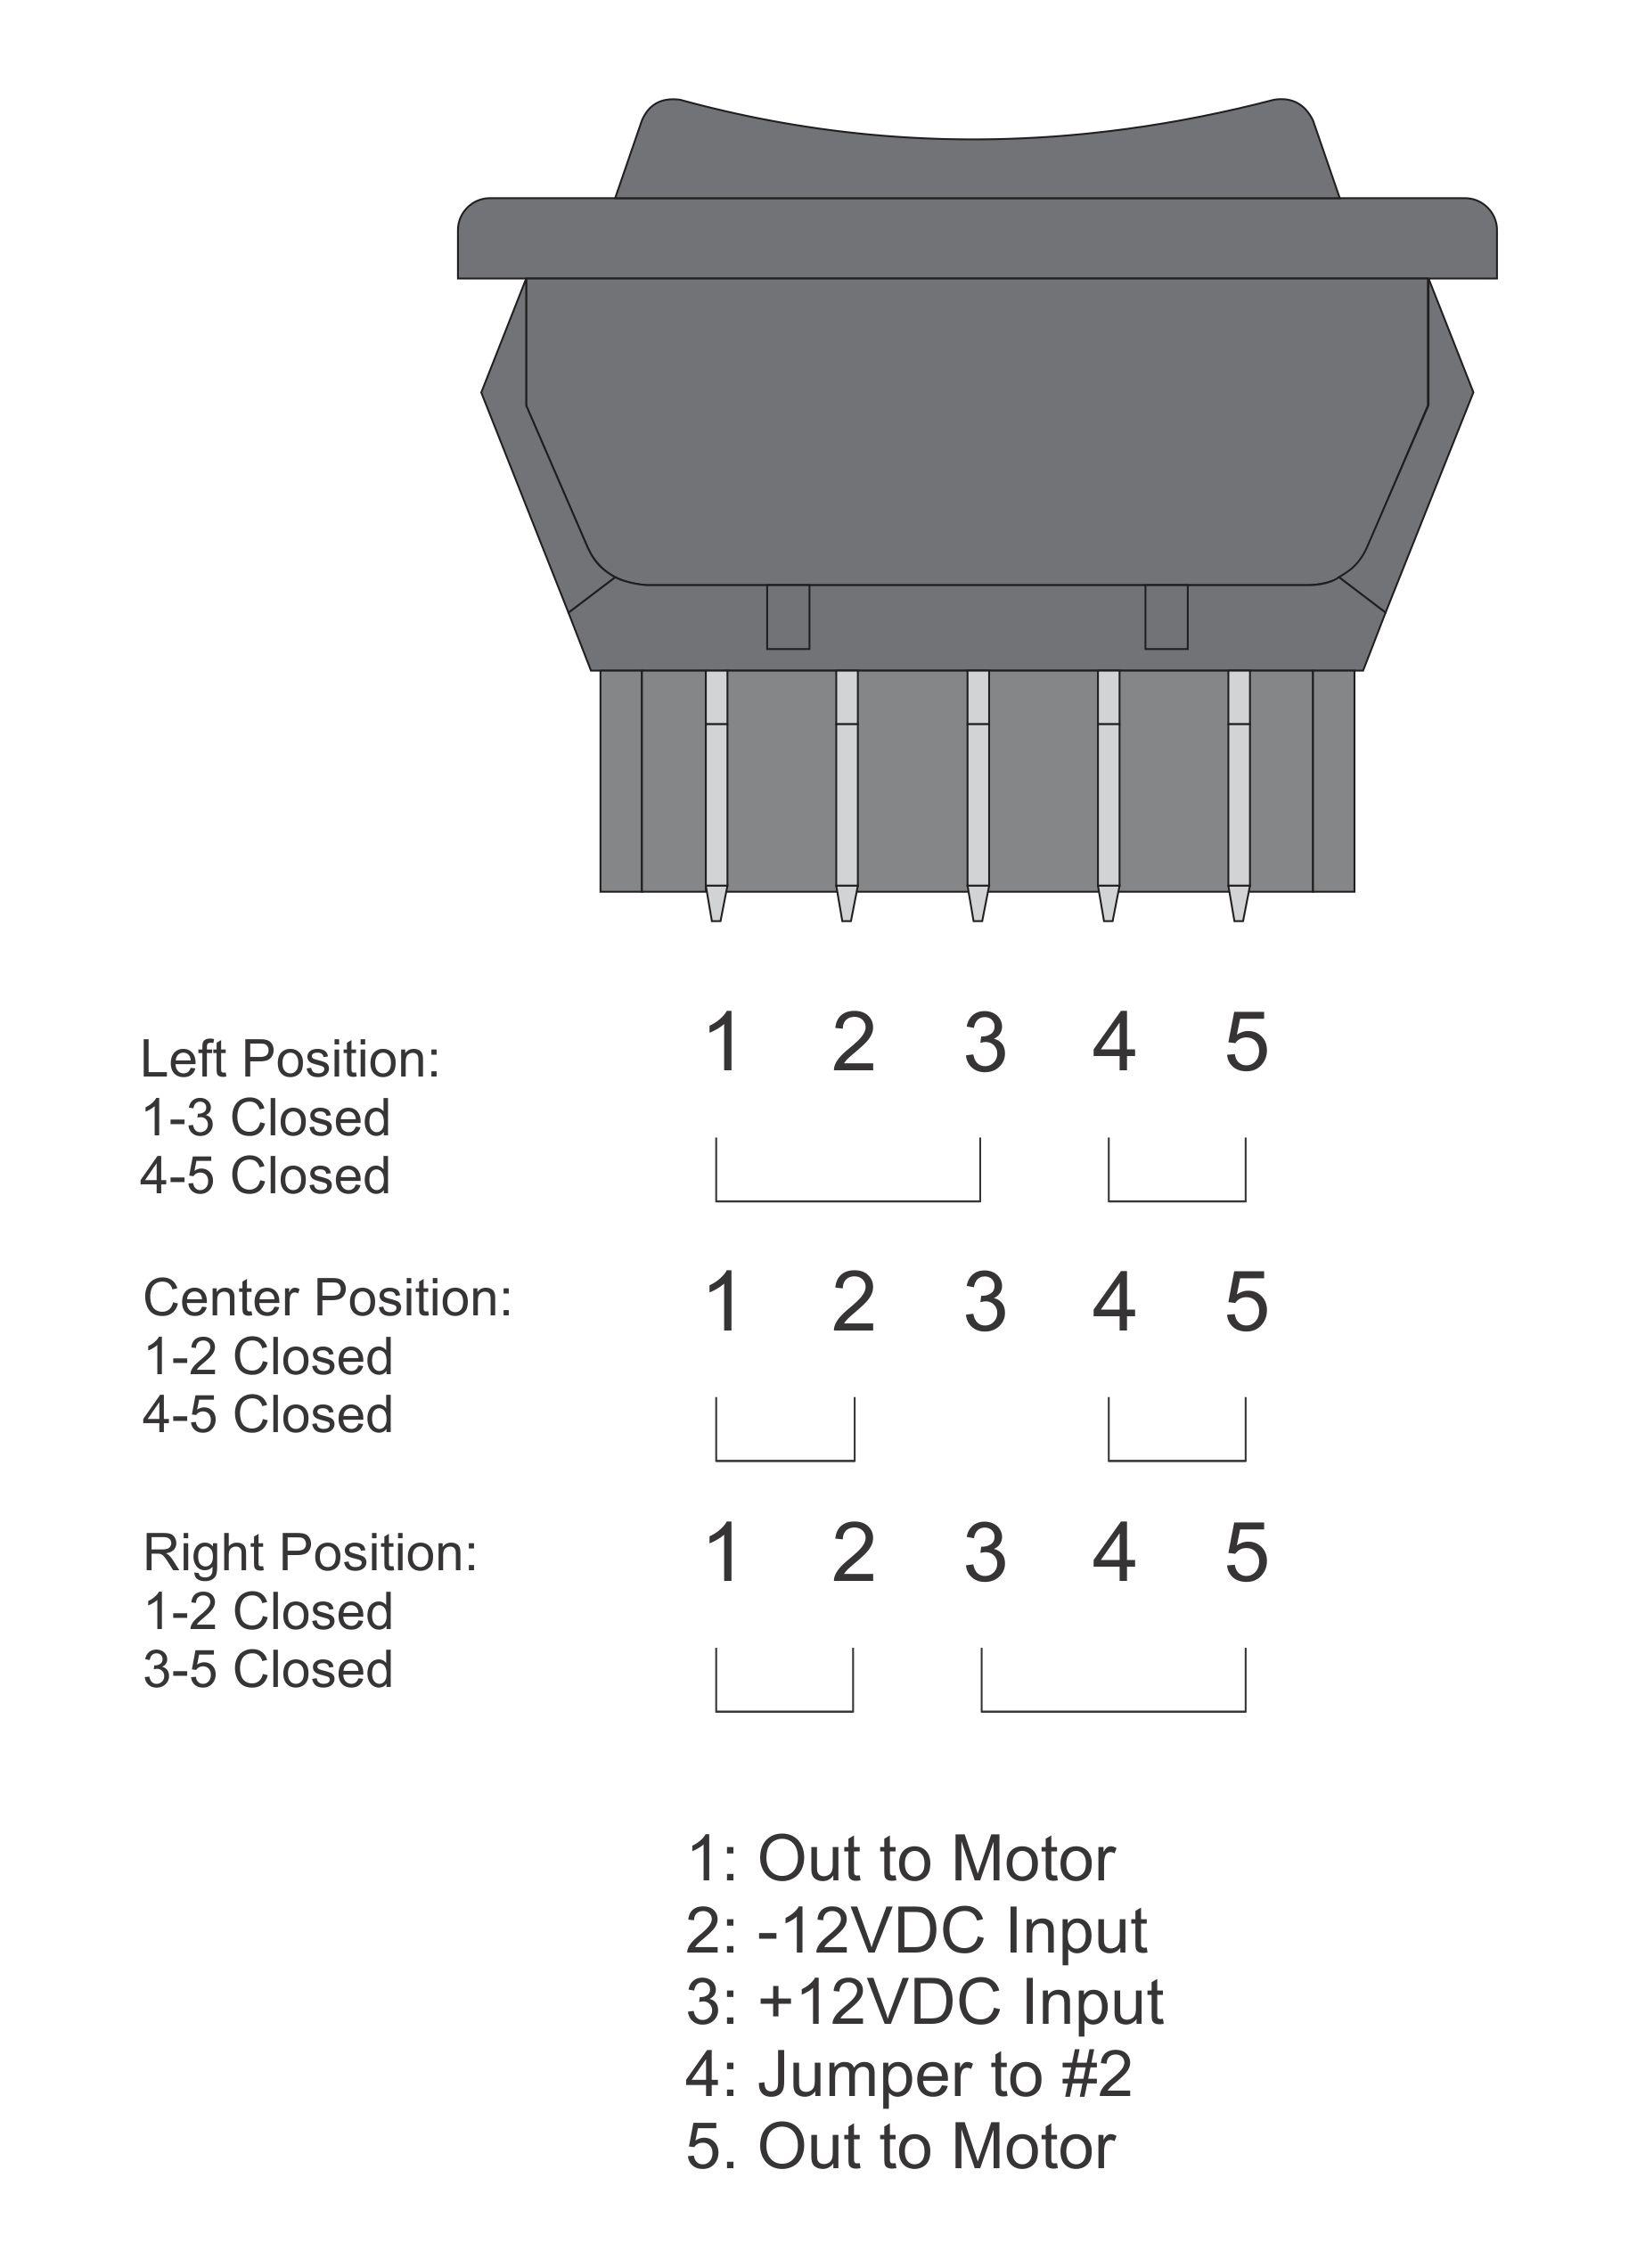 5 Pin Power Window Switch Wiring Diagram : power, window, switch, wiring, diagram, R952B, Electronics